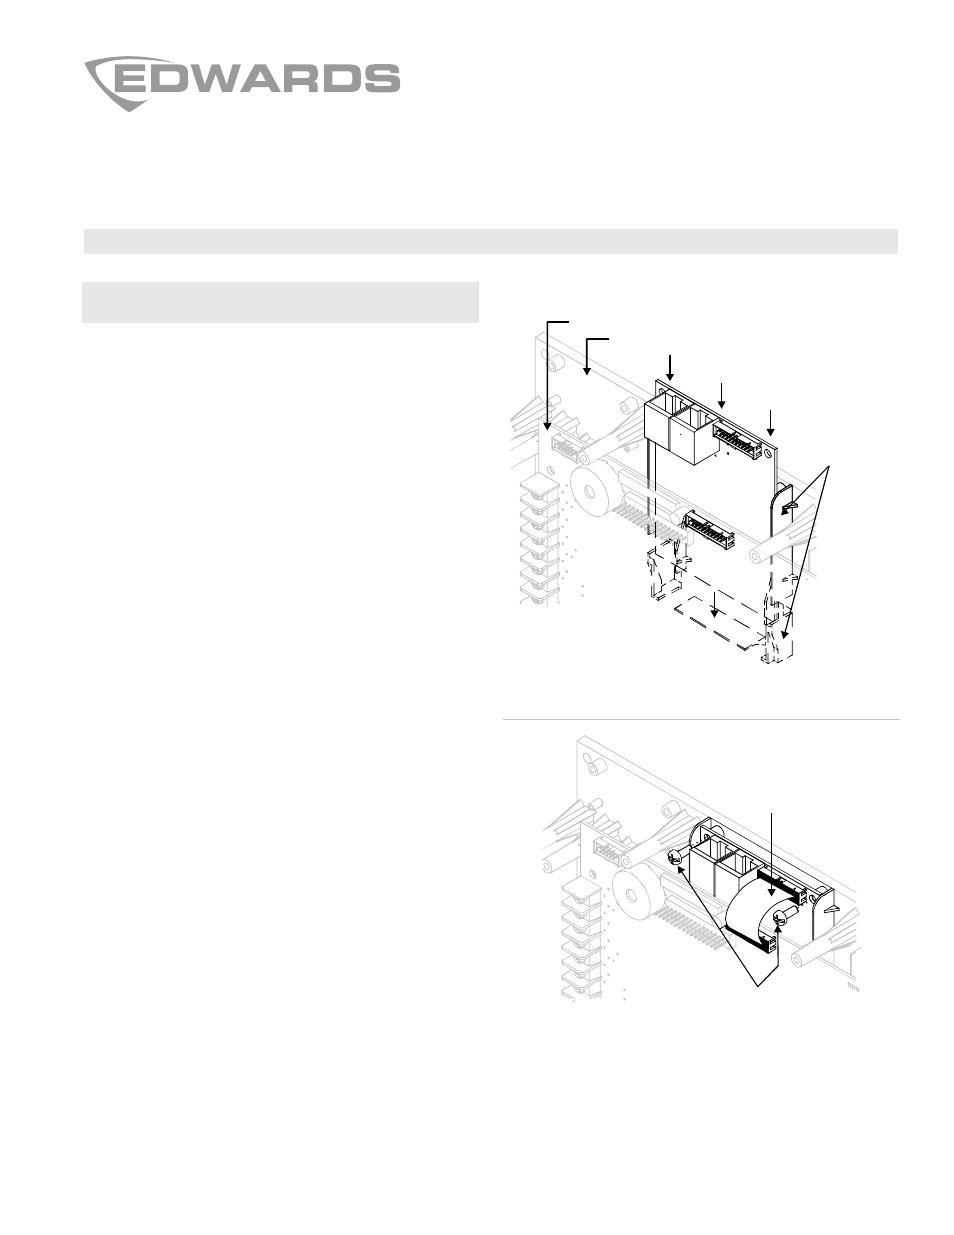 Dact Wiring Diagram Libraries Pir Todaysdact Box